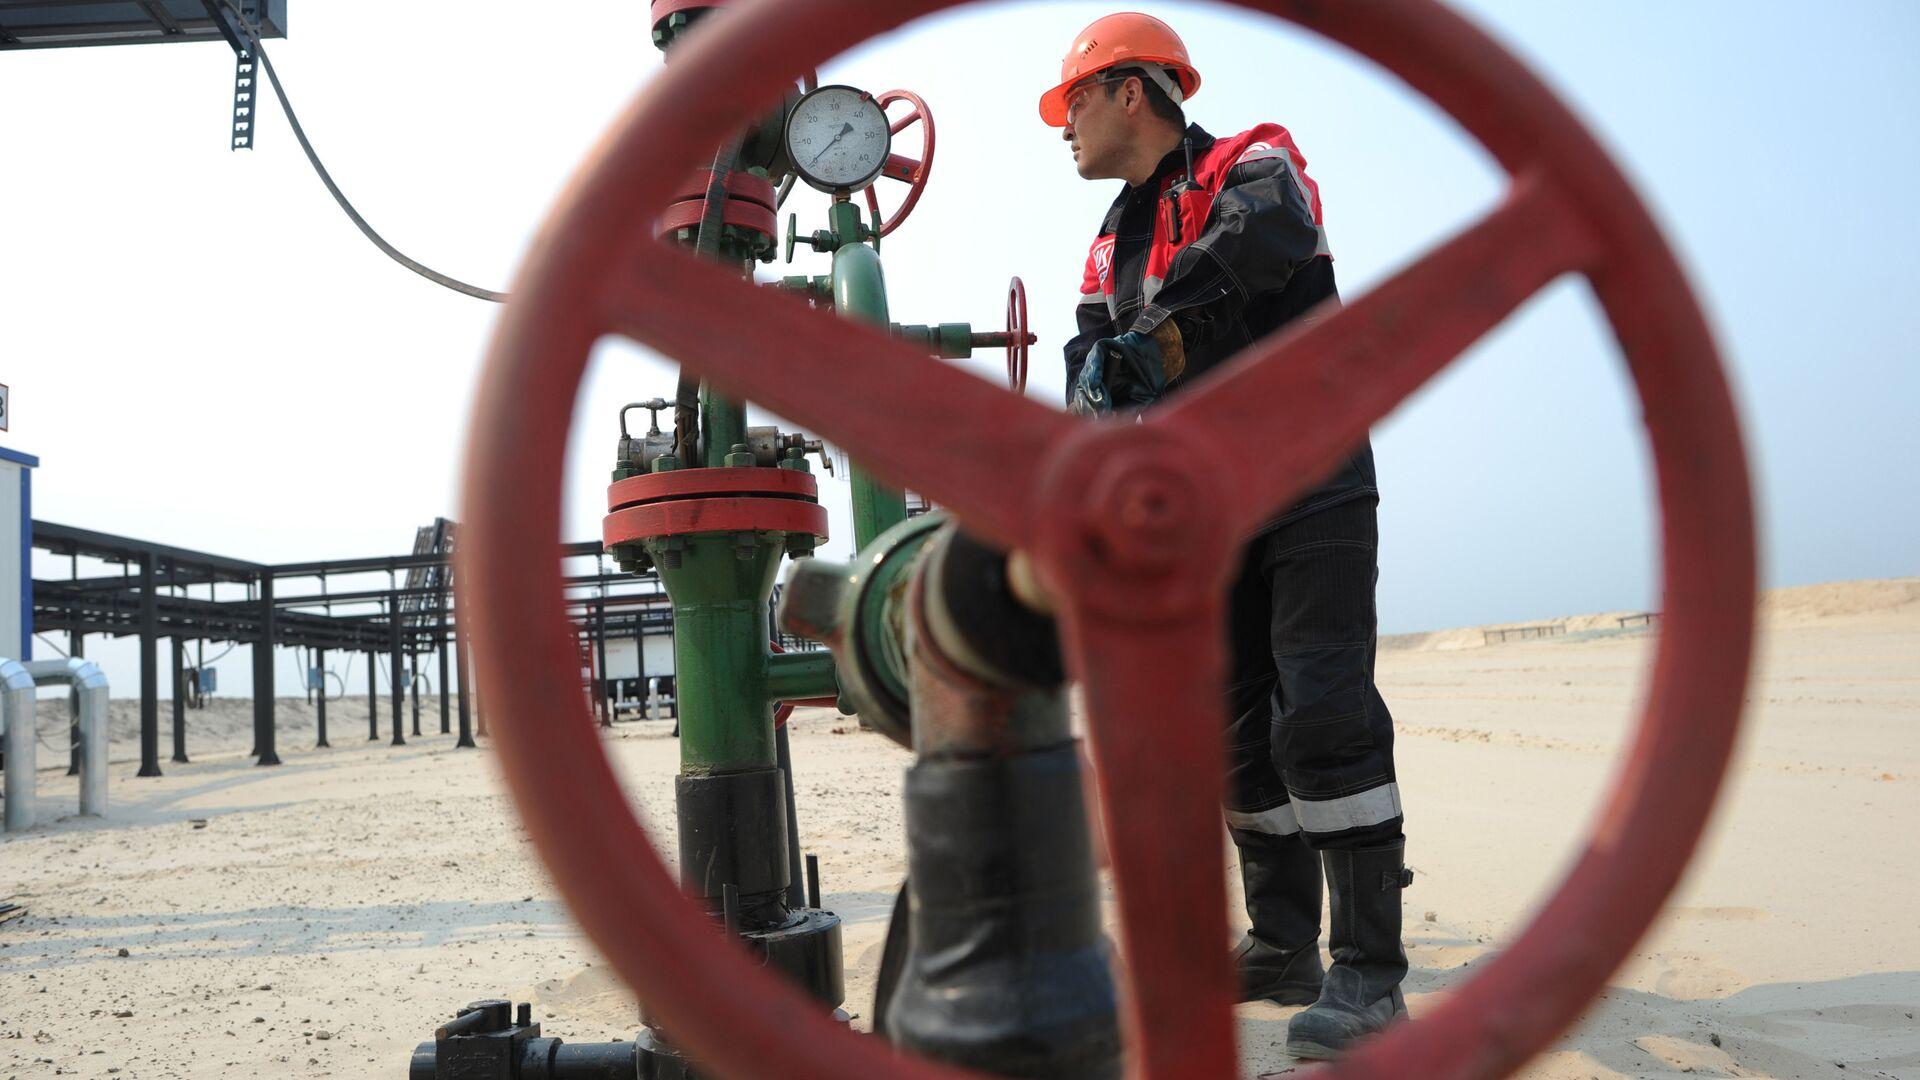 Оператор по добыче нефти компании Лукойл на нефтяном кусте в районе города Когалым - РИА Новости, 1920, 28.02.2021